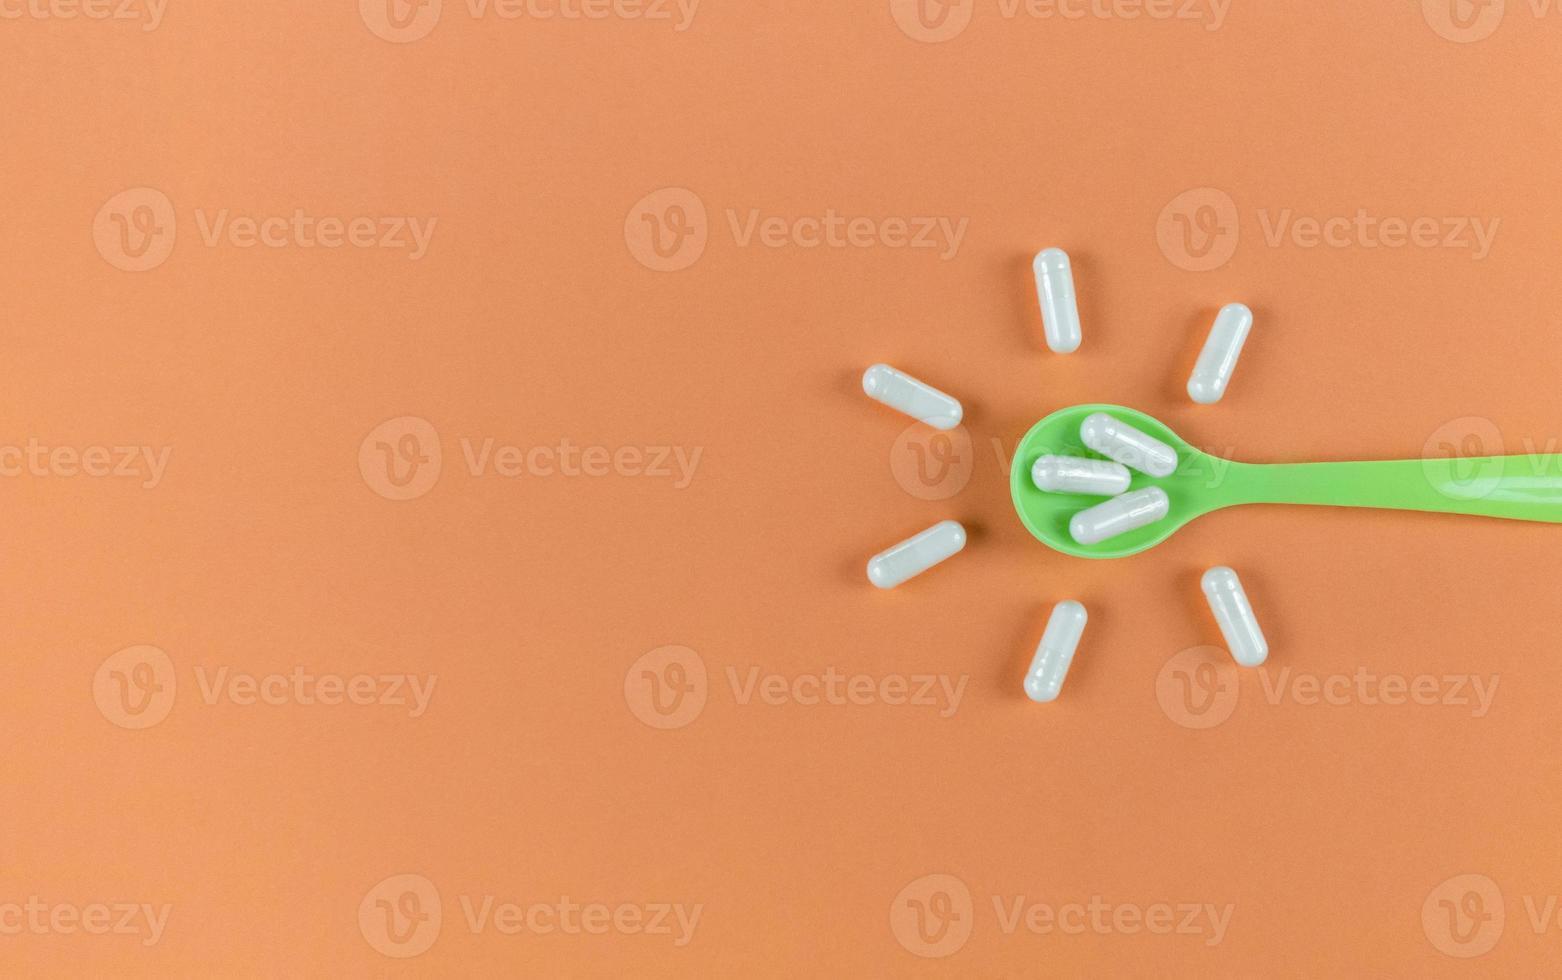 cuillère verte et capsules blanches sur fond orange avec espace de copie photo